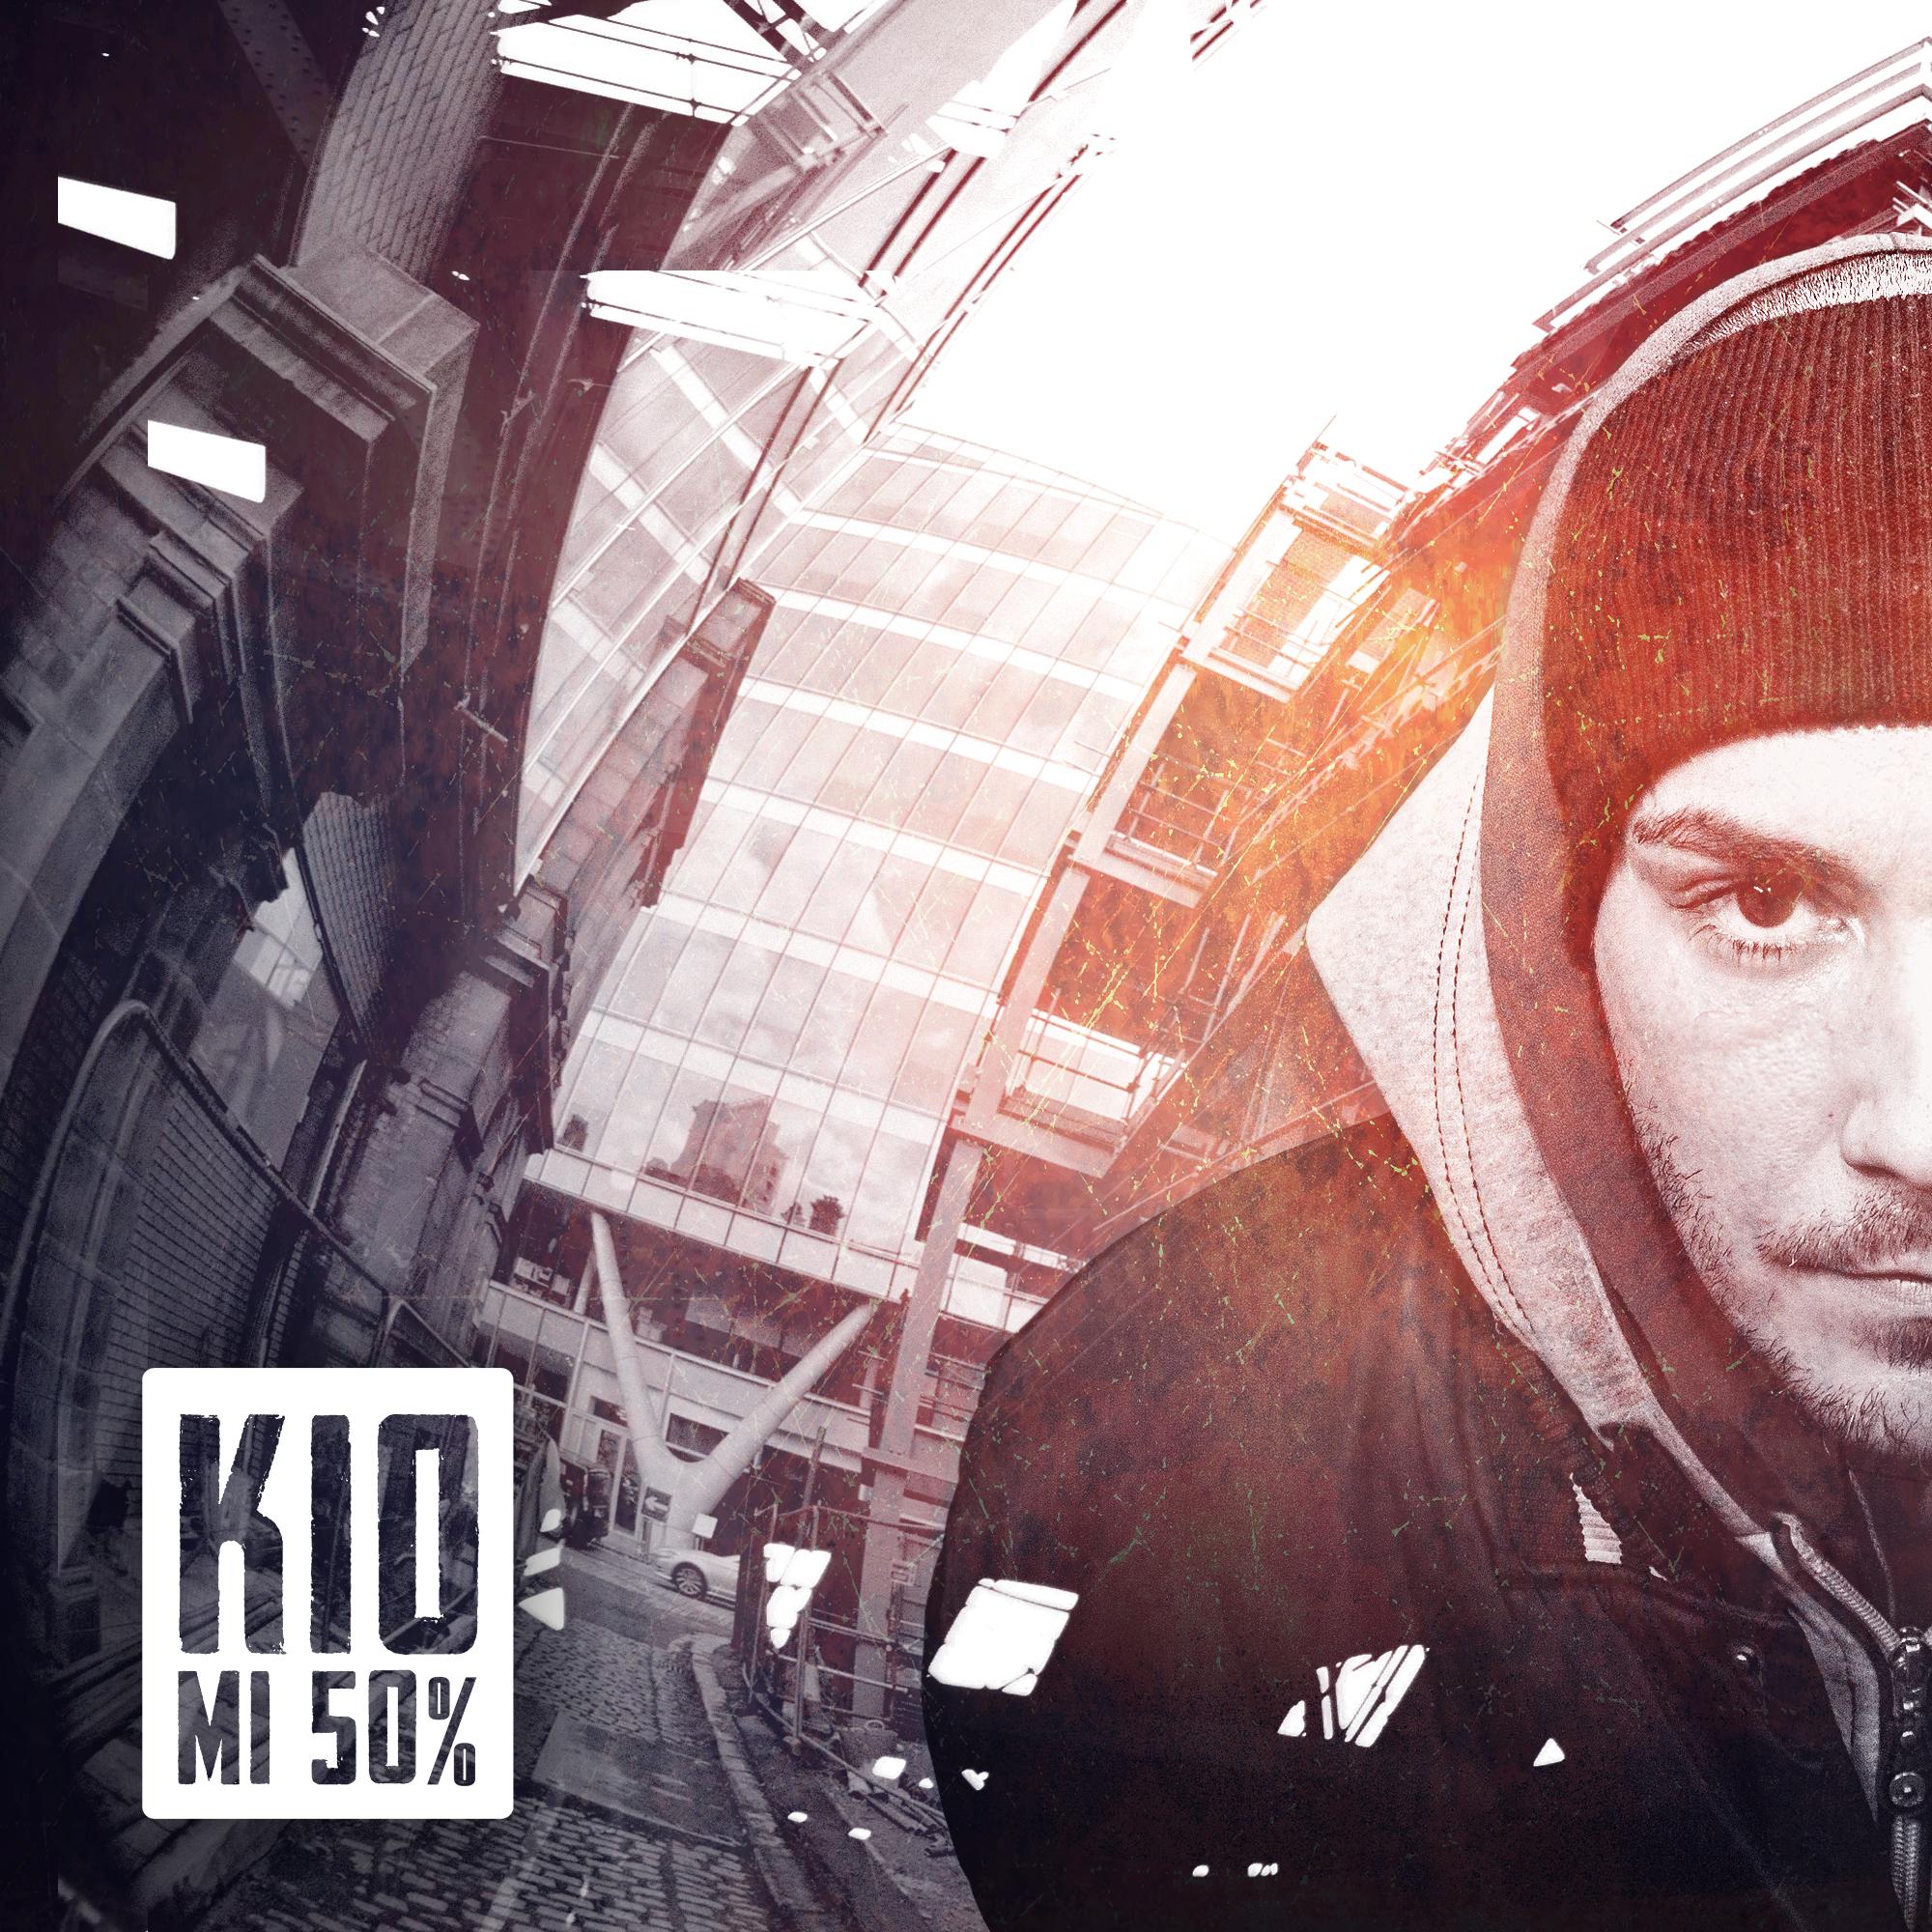 Kio_-_mi_50_